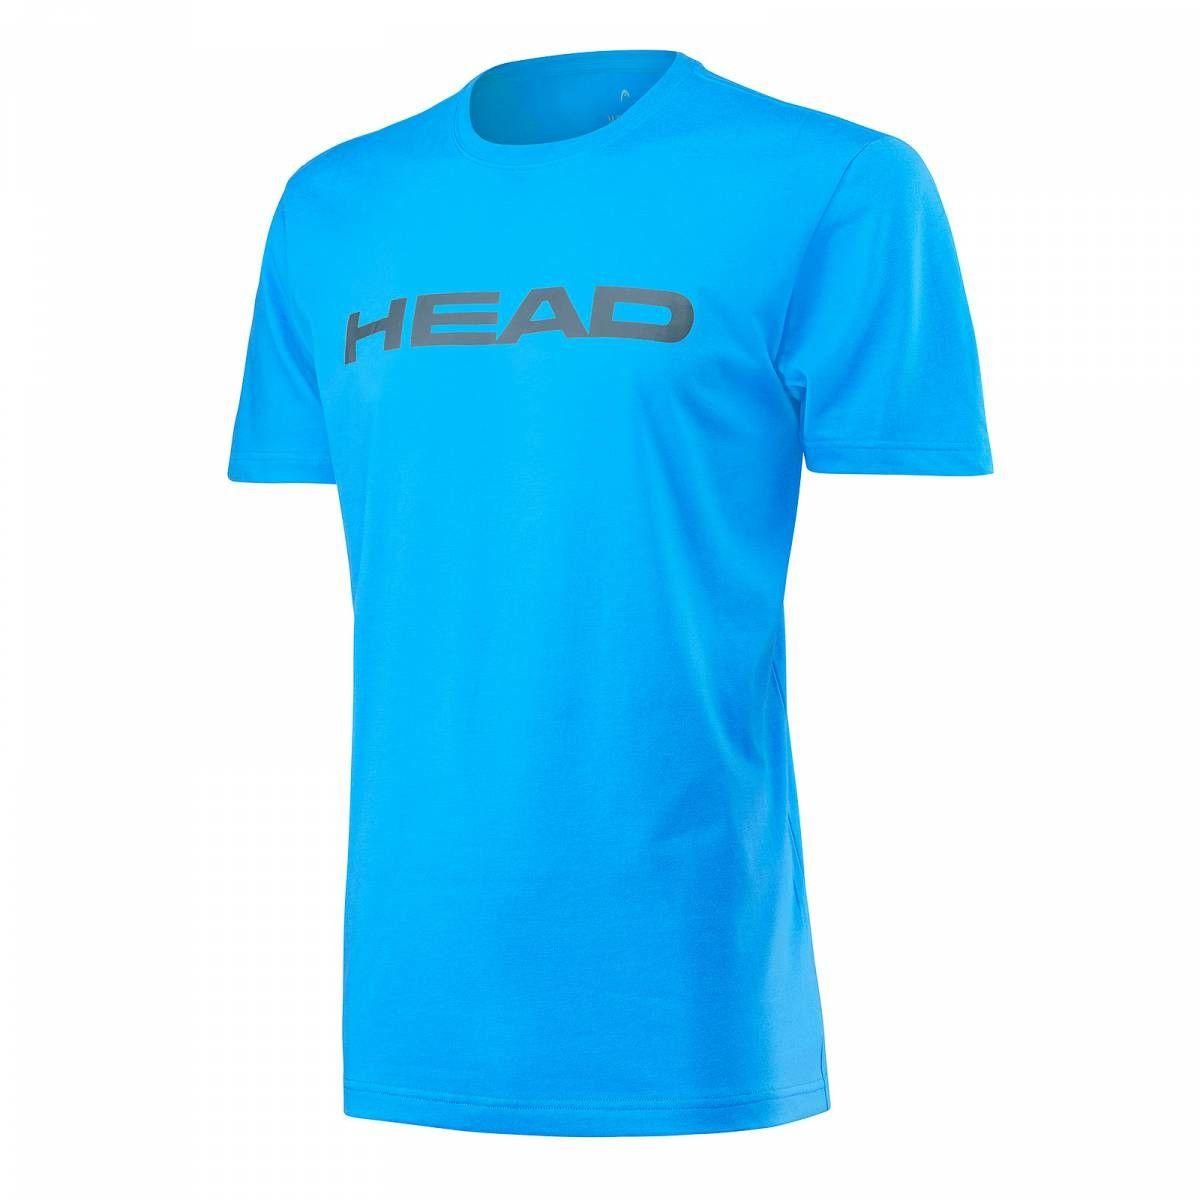 Head Transition Ivan Jr T-shirt - light